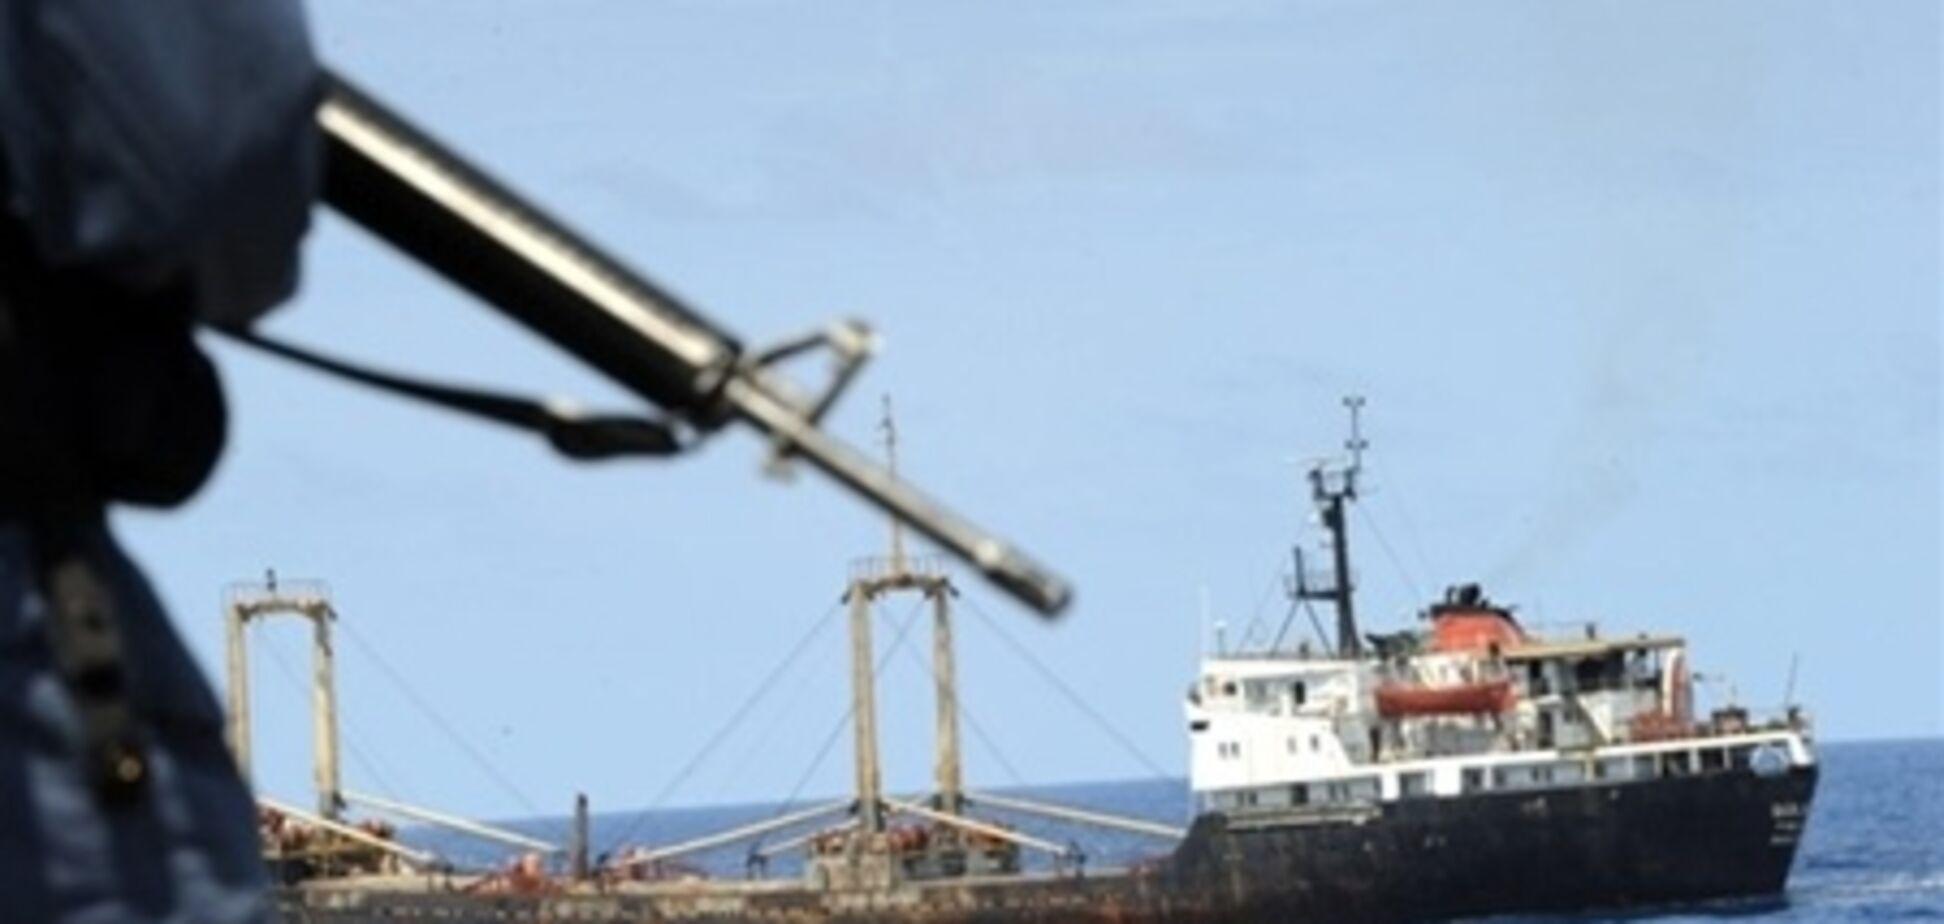 В Индии задержан балкер с украинцами: власти испугались оружия на борту